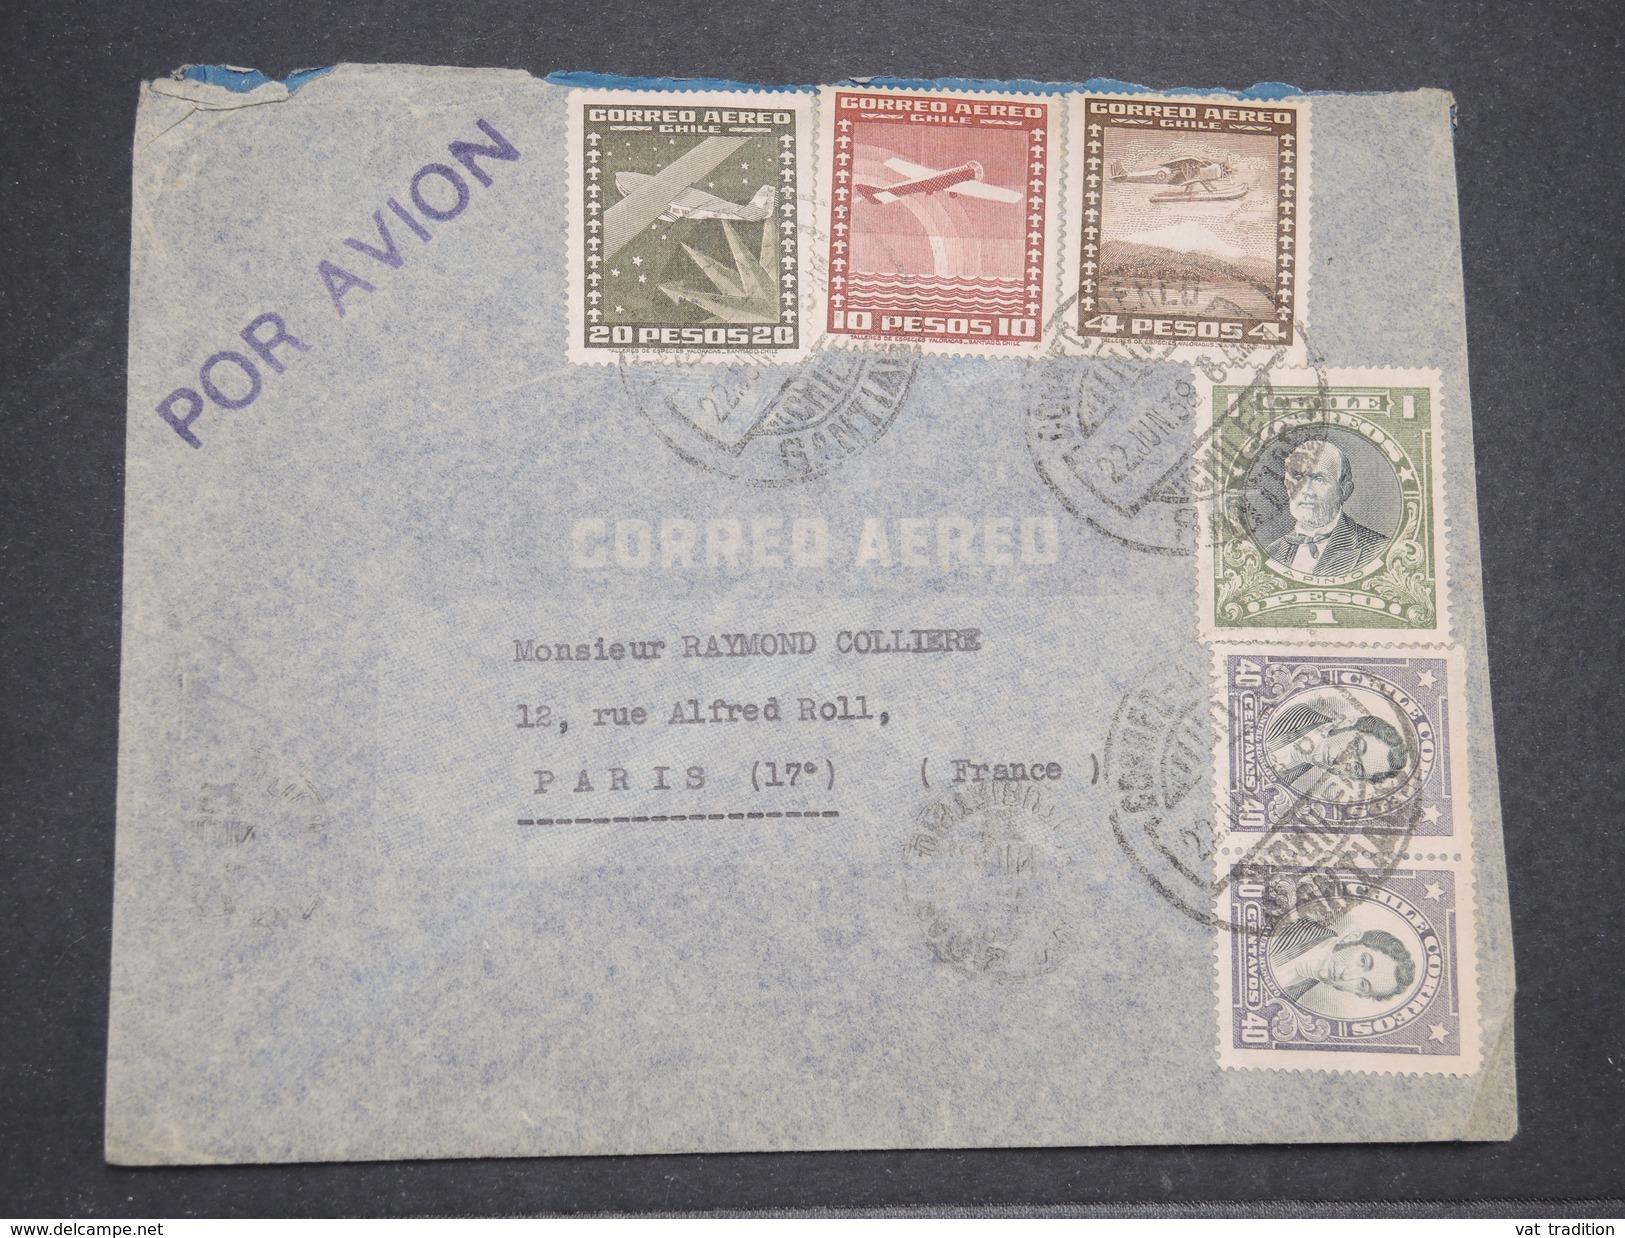 CHILI - Enveloppe De Santiago Pour La France En 1938 Par Avion , Affranchissement Plaisant - L 7883 - Chile